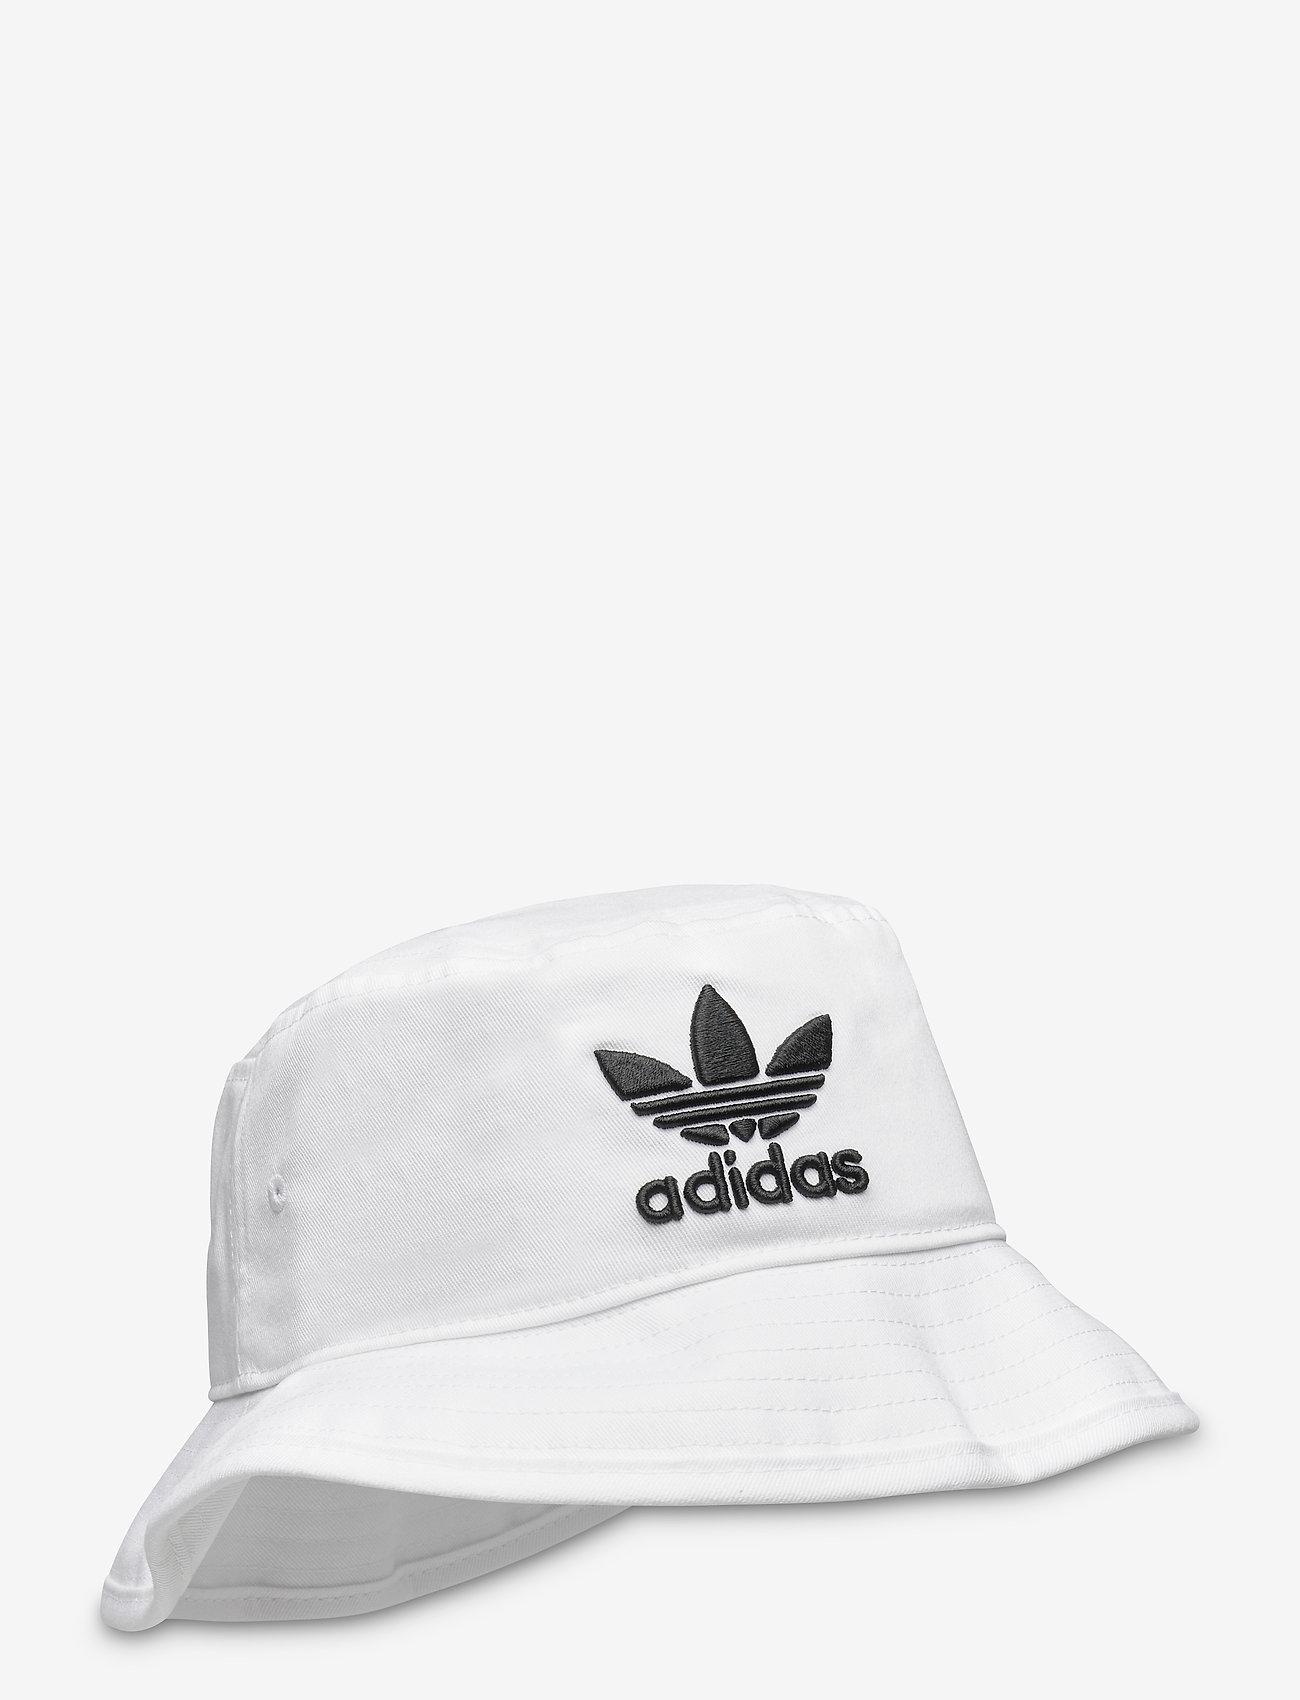 adidas Originals - BUCKET HAT AC - bucket hats - white - 0